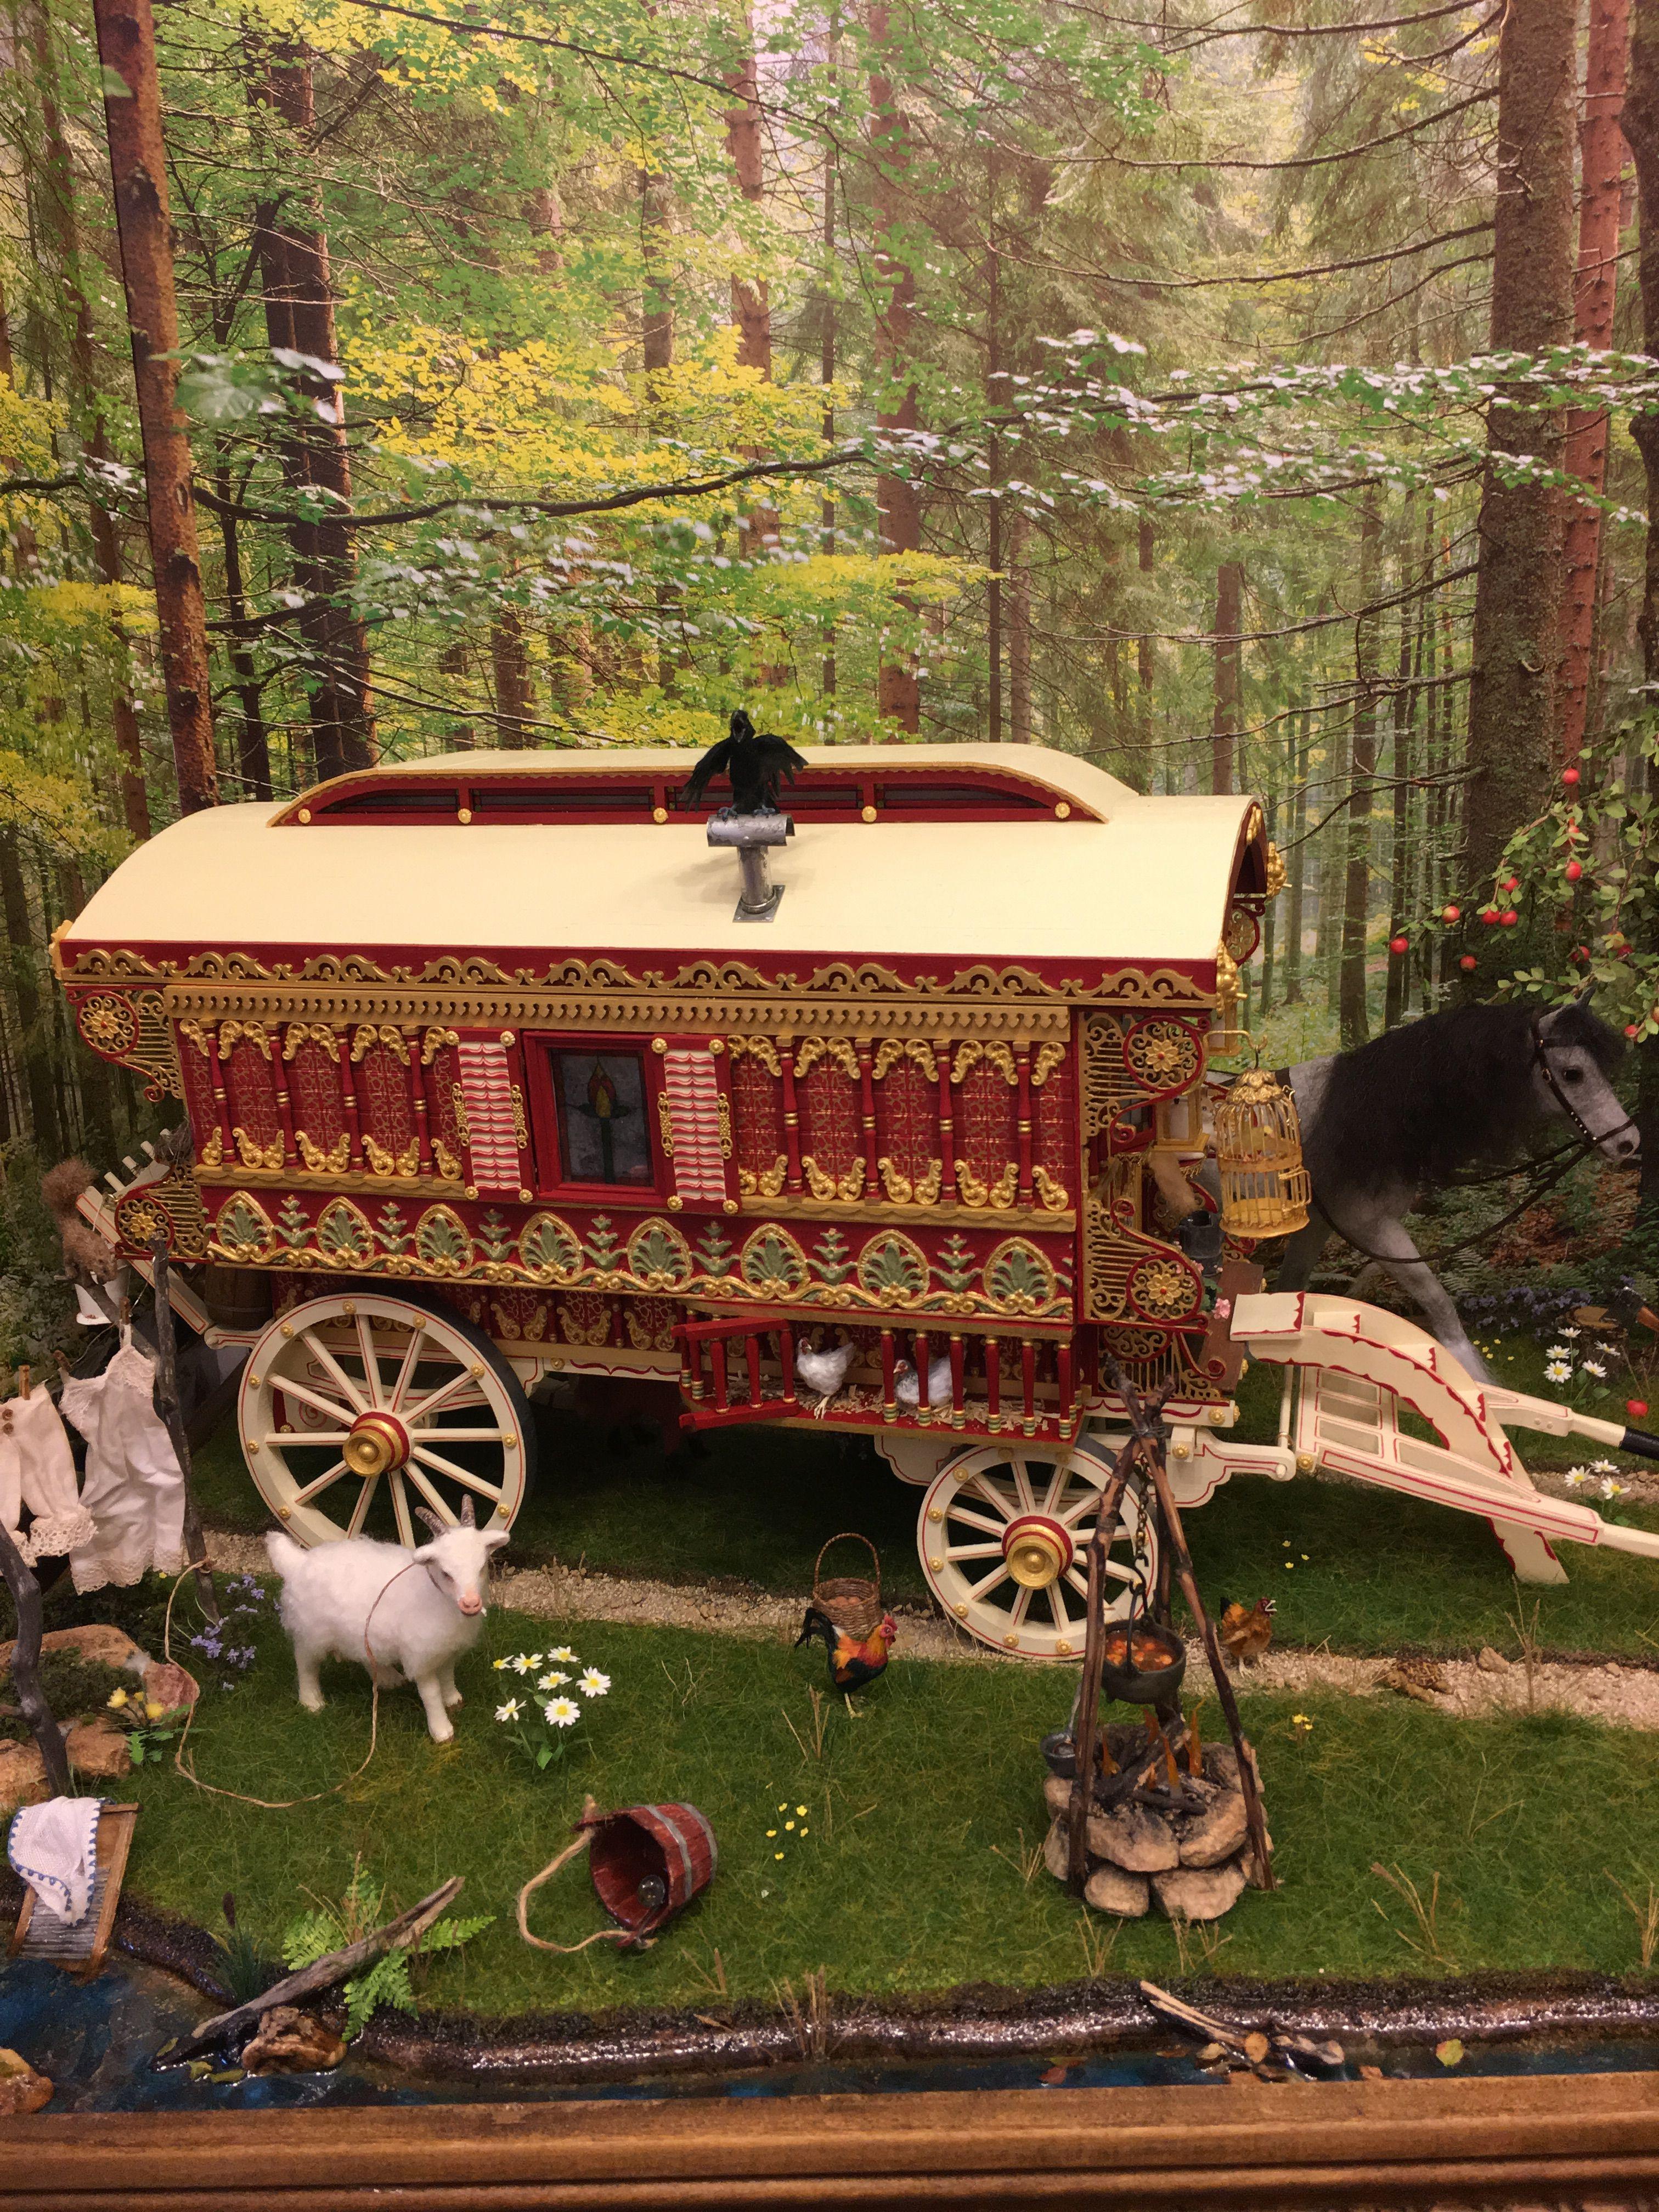 Pin by Mary Broaddus on My 1:12 Gypsy Caravan | Gypsy caravan, Gypsy